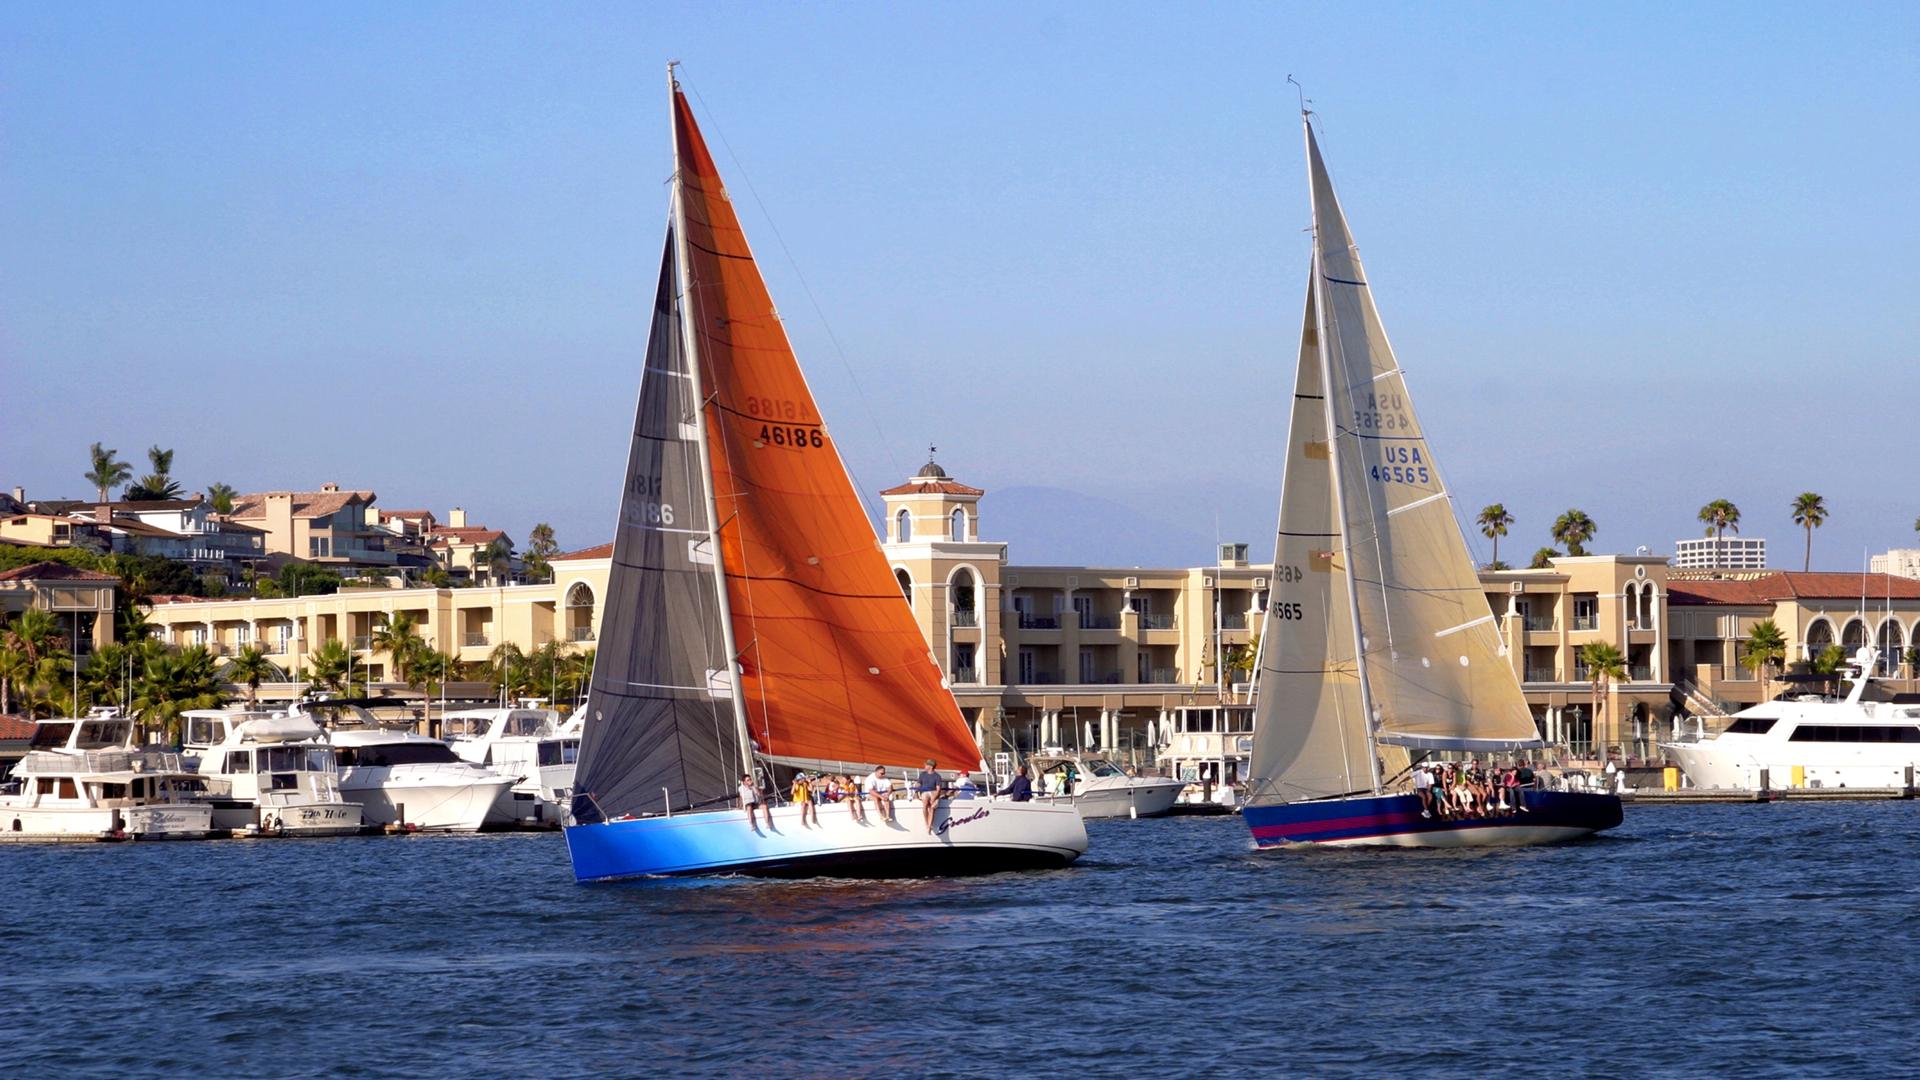 Sailing Boats, Balboa Bay, Healthy Living + Travel